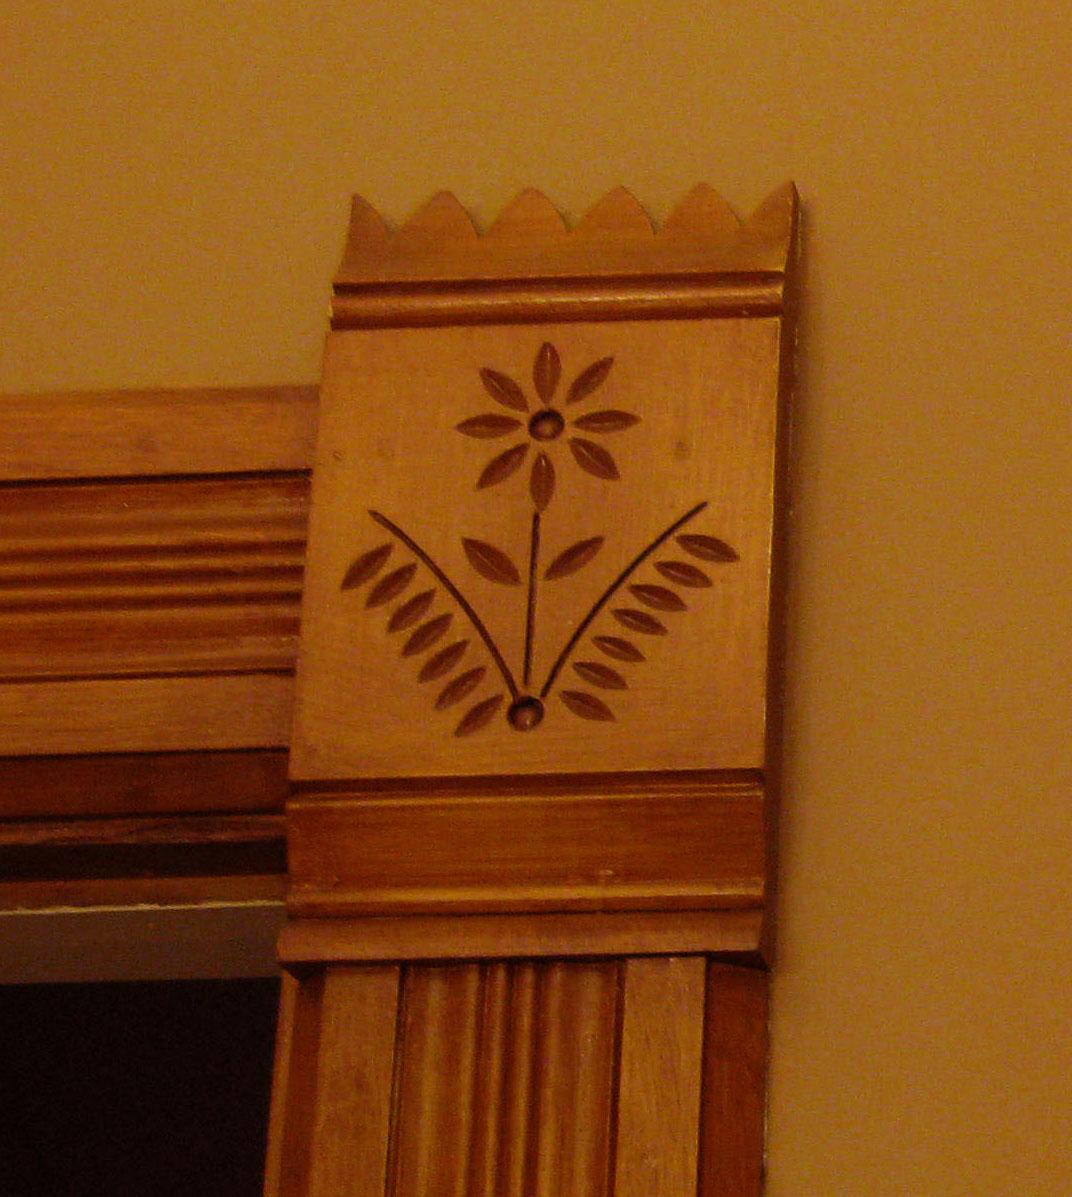 Antique Woodwork Flower Design - 1893 Victorian Farmhouse: Antique Woodwork Flower Design